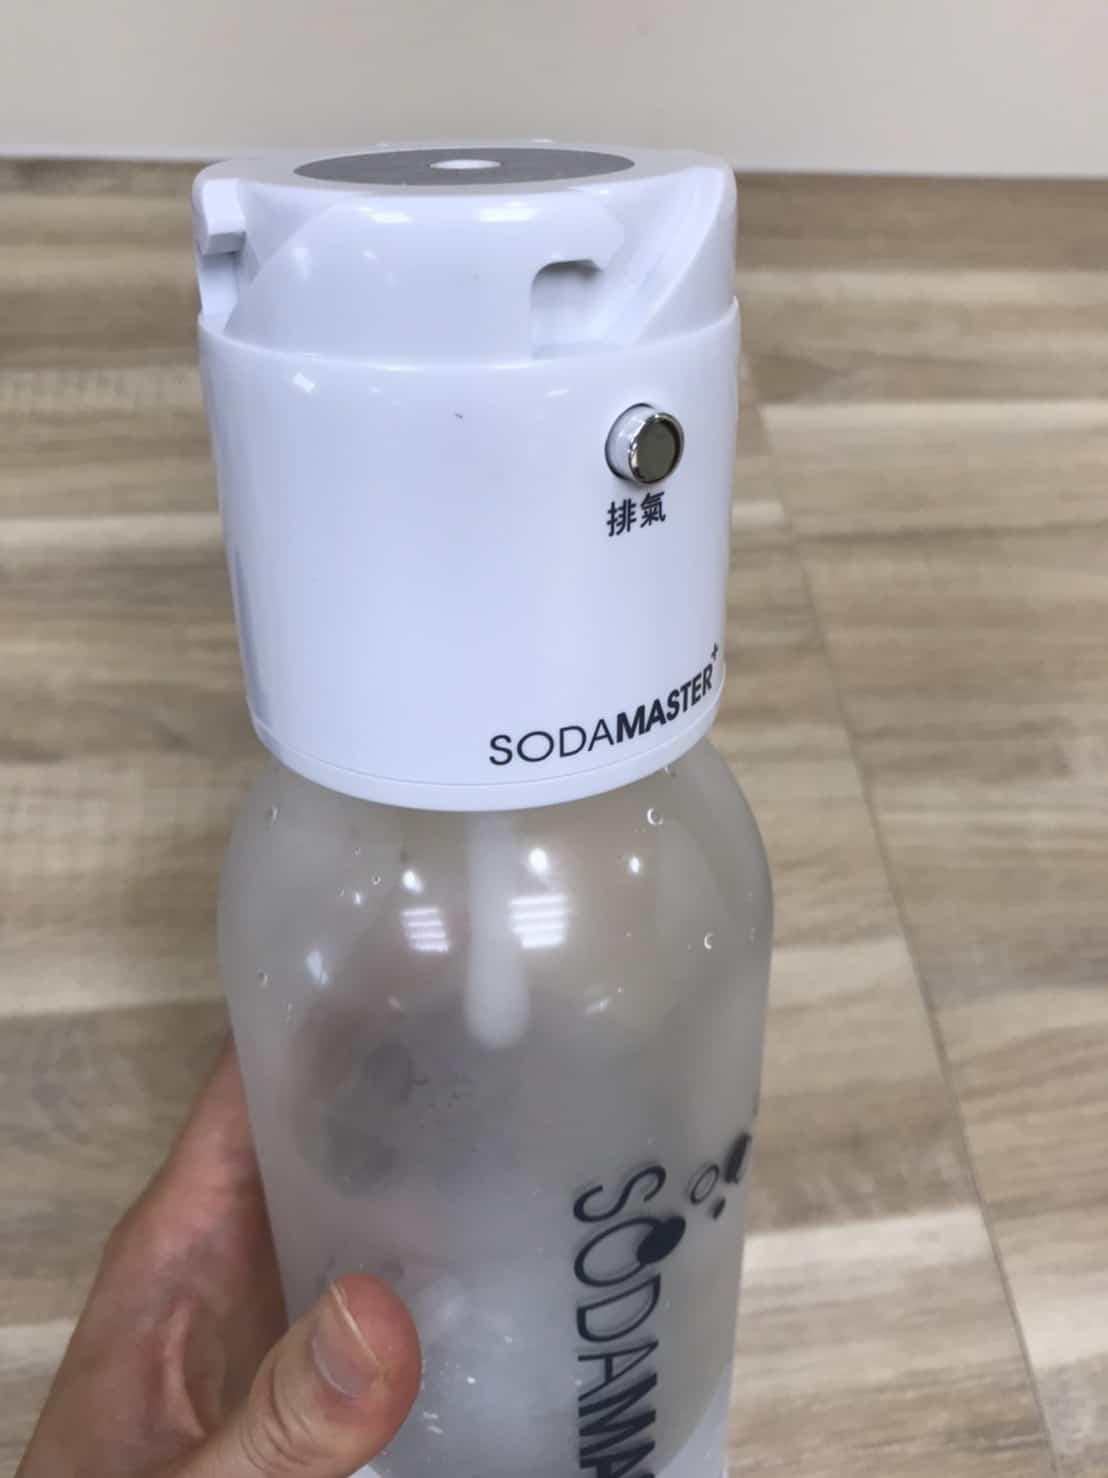 鍋寶氣泡水機配件